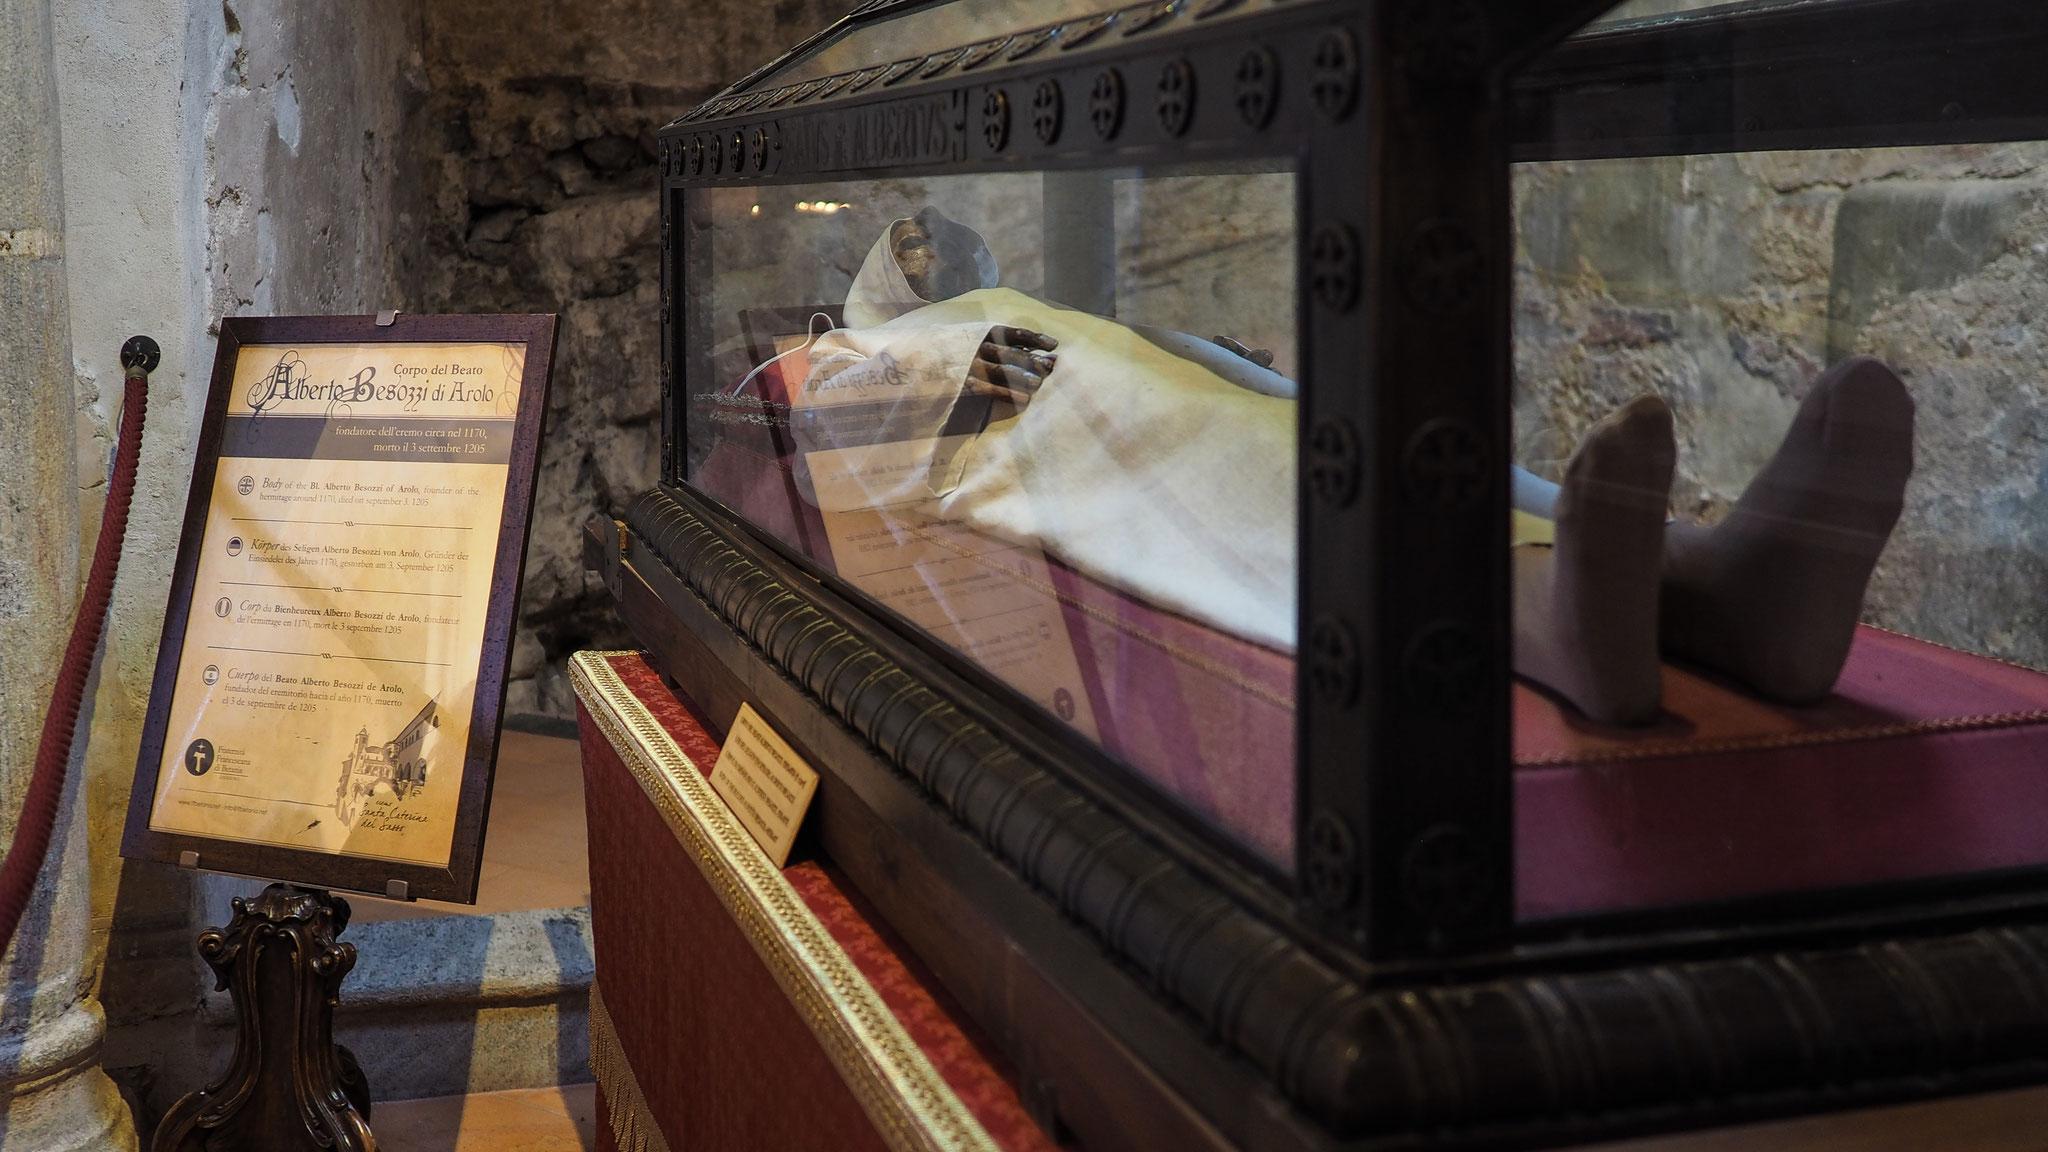 Santa Caterina del Sasso, Gründer Alberto Besozzi Arolo gestorben 1205